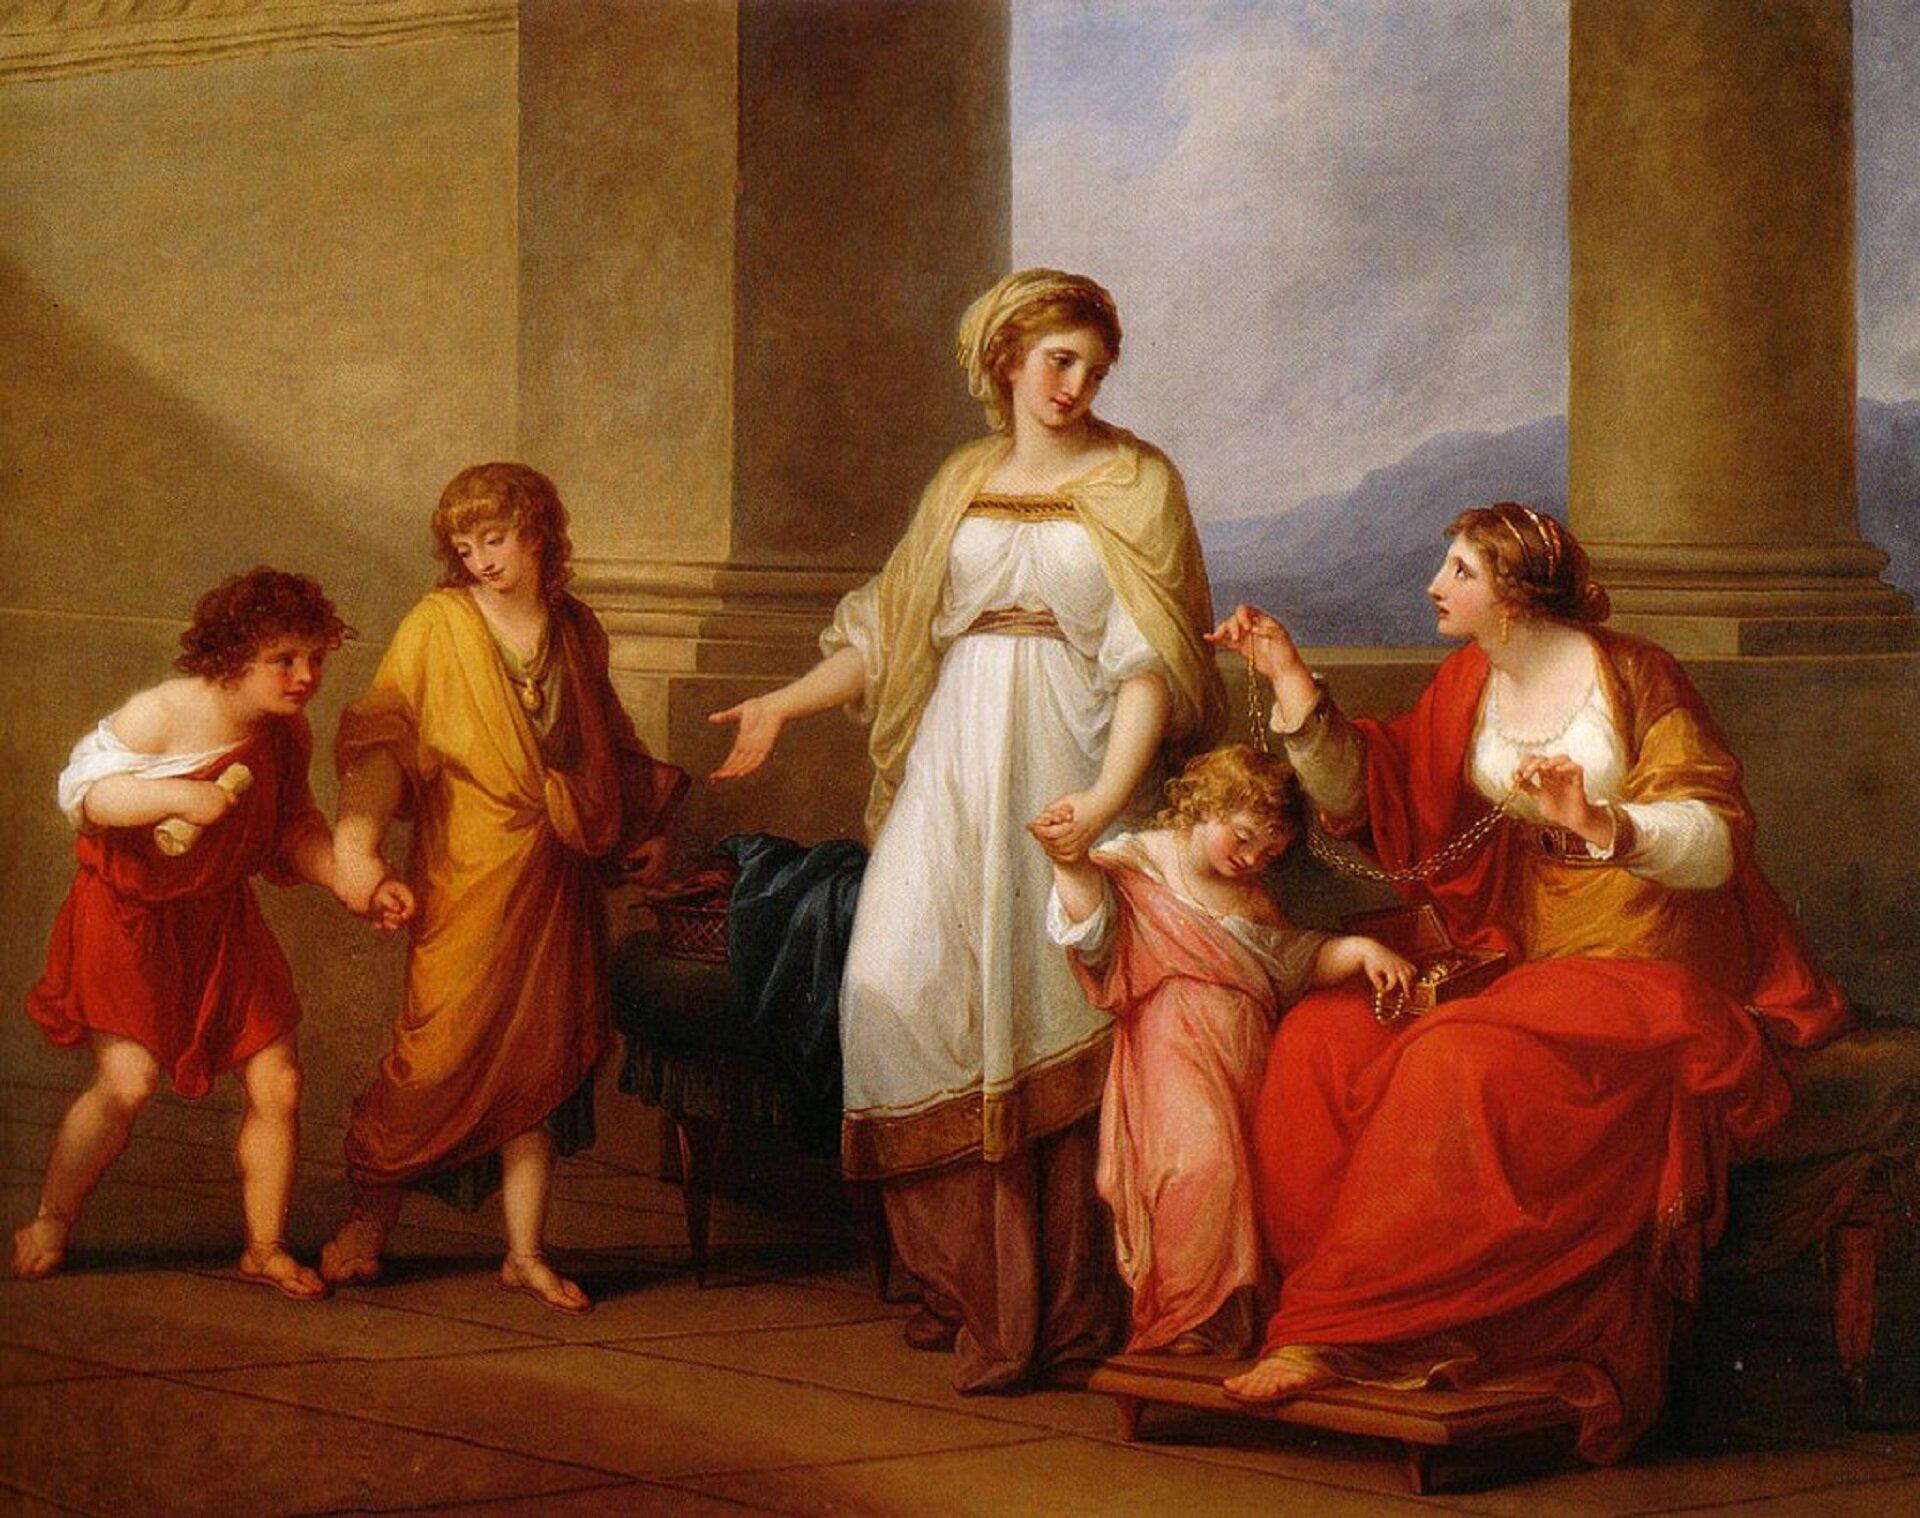 """Obraz autorstwa Angeliki Kaufmann pod tytułem """"Kornelia, Matka Grakchów"""" iprzedstawia ona Długowłosą kobietę ubraną wdługą biało-złotą suknię. Za rękę trzyma małą dziewczynkę, która ubrana jest wbiało-różową suknię. Zjej lewej strony widoczni są dwaj chłopcy ubrani, którzy się skradają. Zprawej strony widoczna jest kobieta wśrednim wieku, ubrana wdługą czerwoną suknię. Wtle widoczne są góry."""